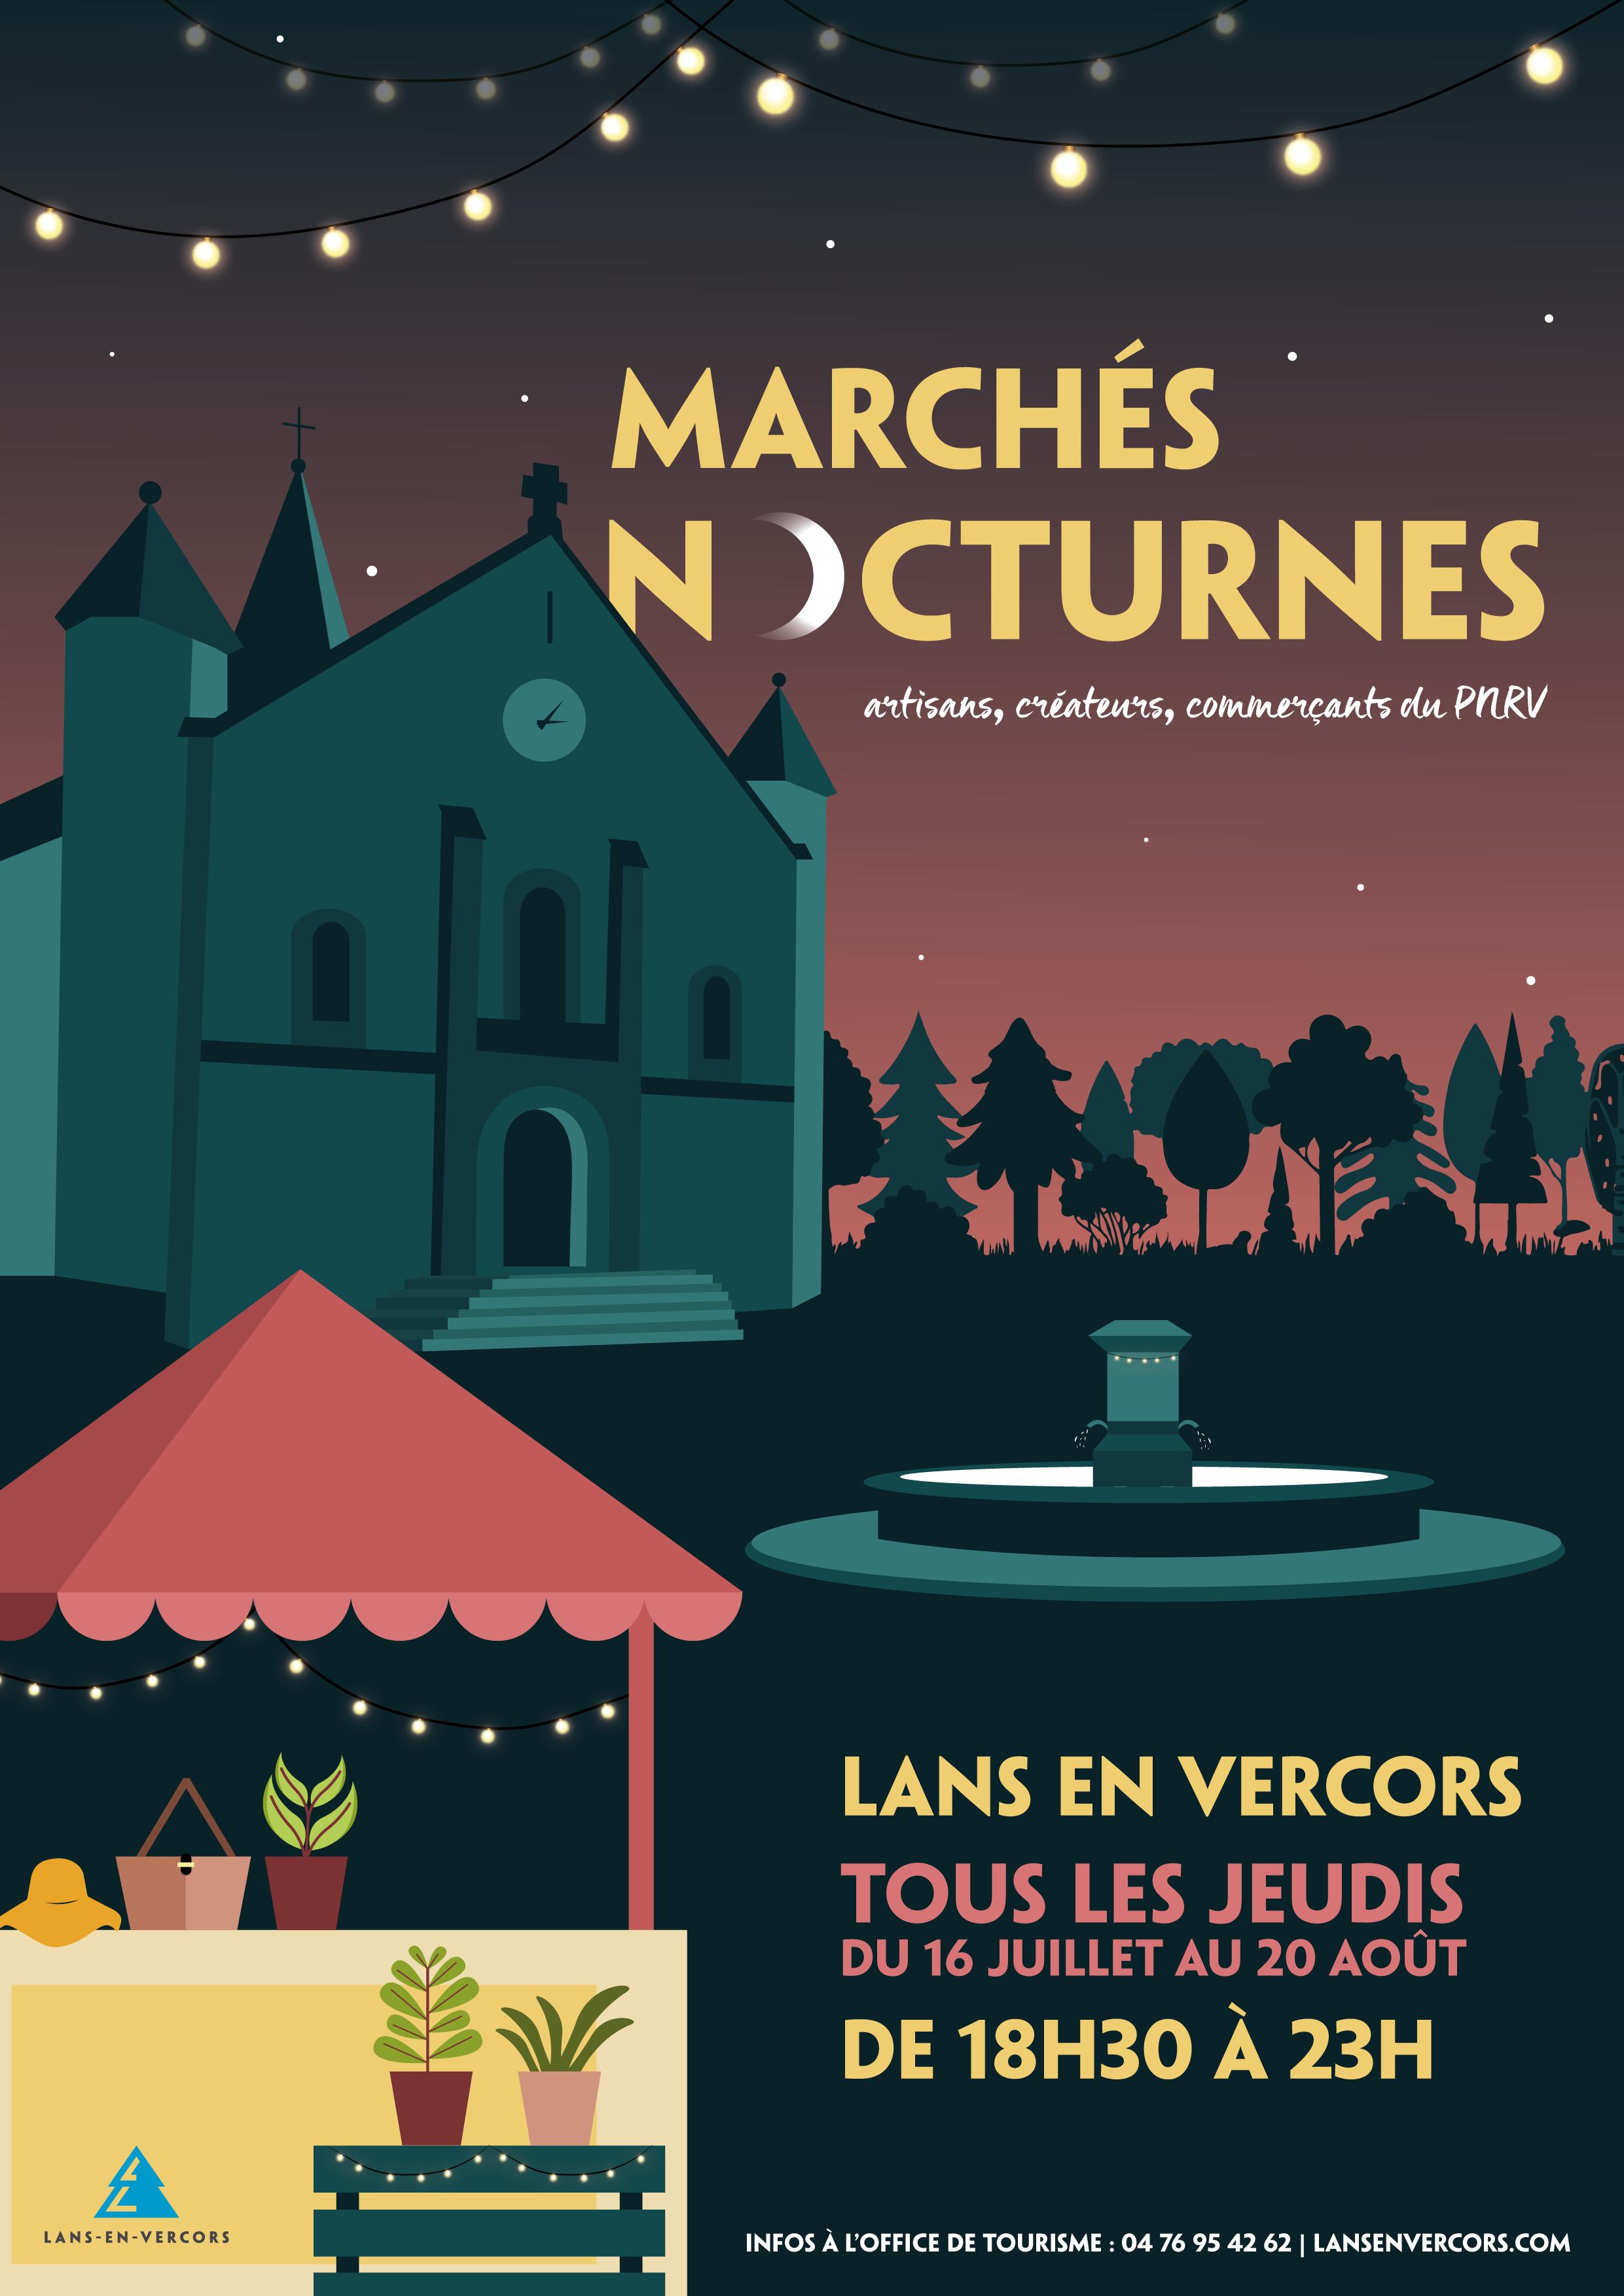 Marchés nocturnes de Lans en Vercors 2020